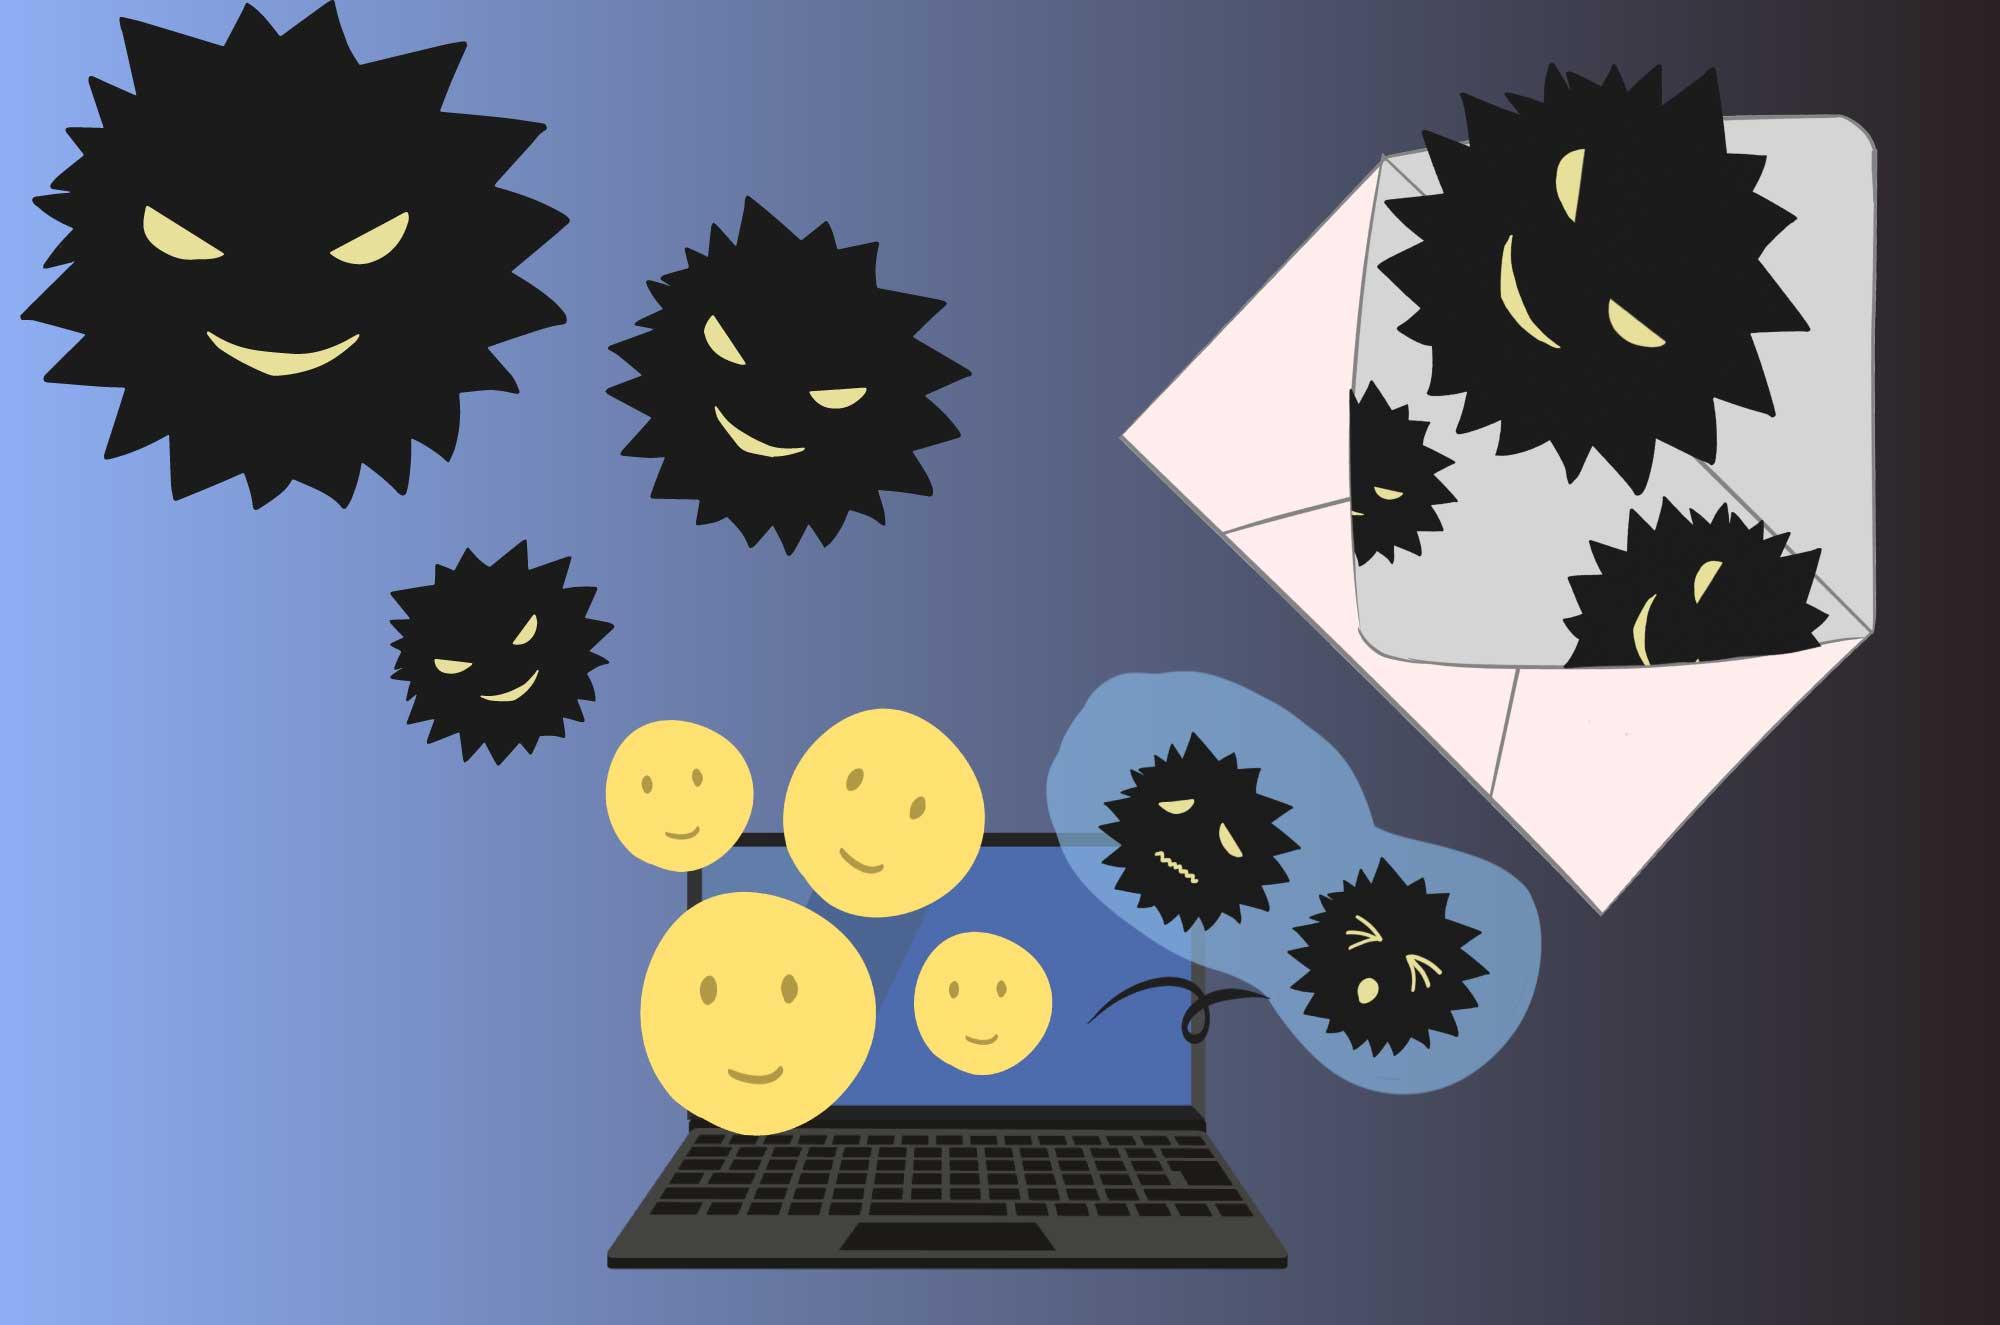 ウイルスの無料イラスト - 悪そうな菌のイメージ素材